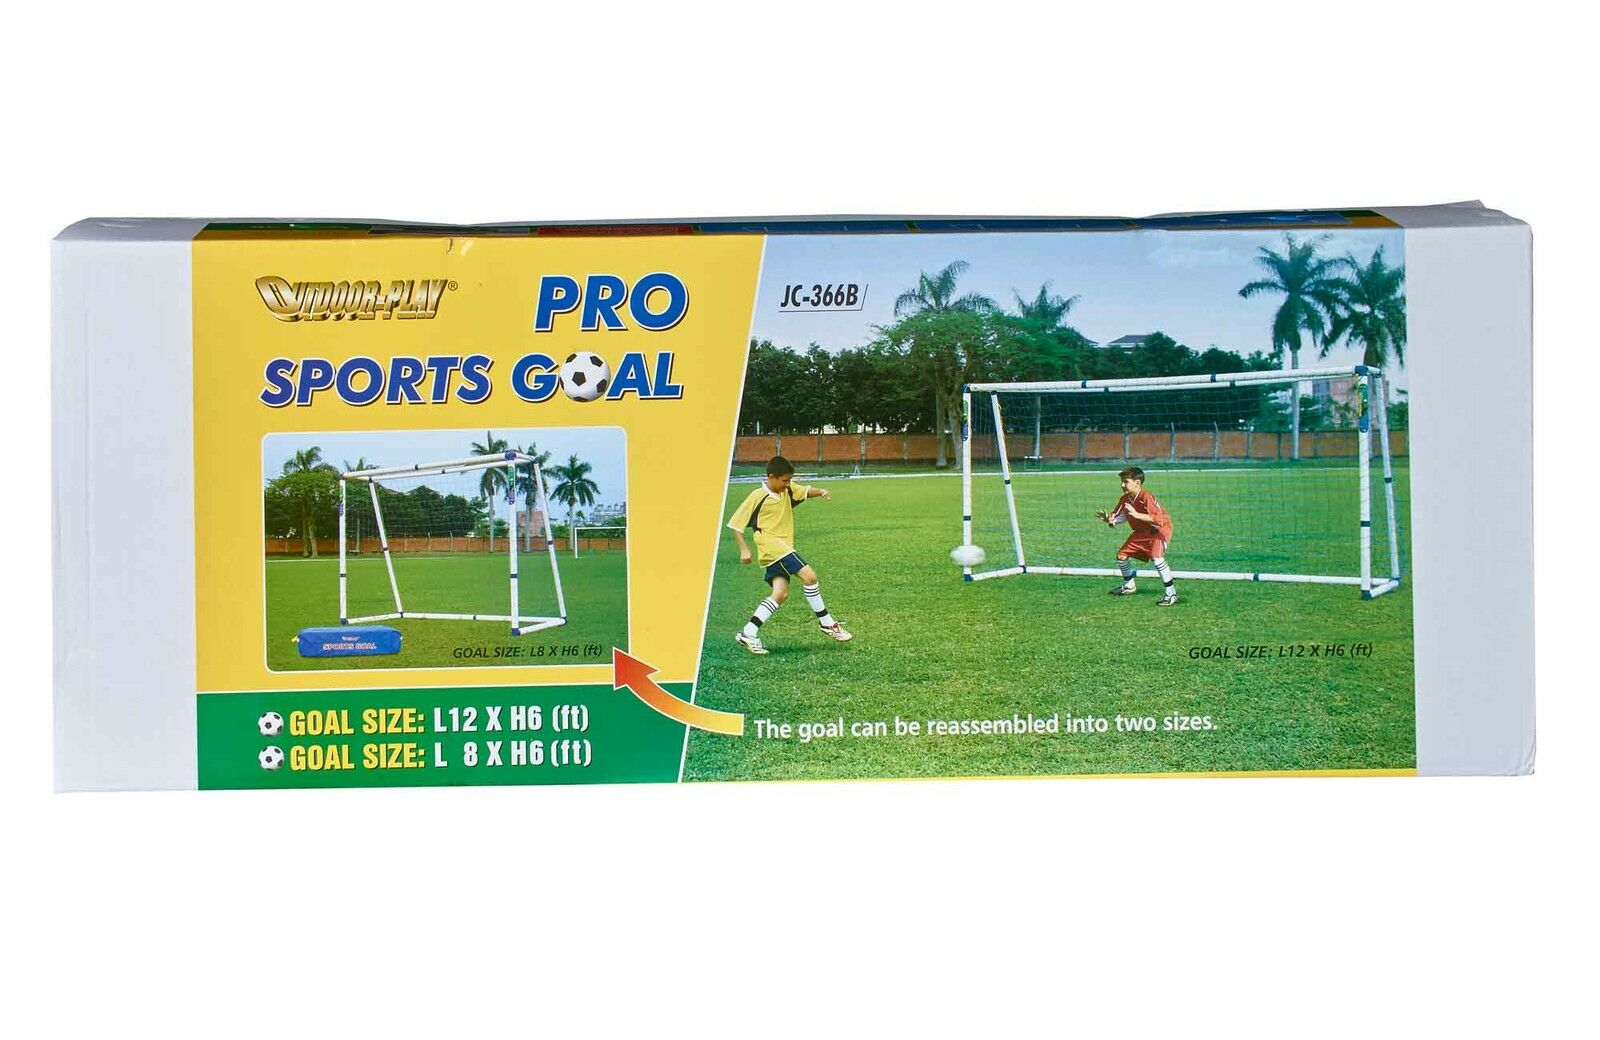 Fußballtor; Fußball Tor, verstellbar in zwei Größen: 3,6x1,8m + 2,43x1,8m